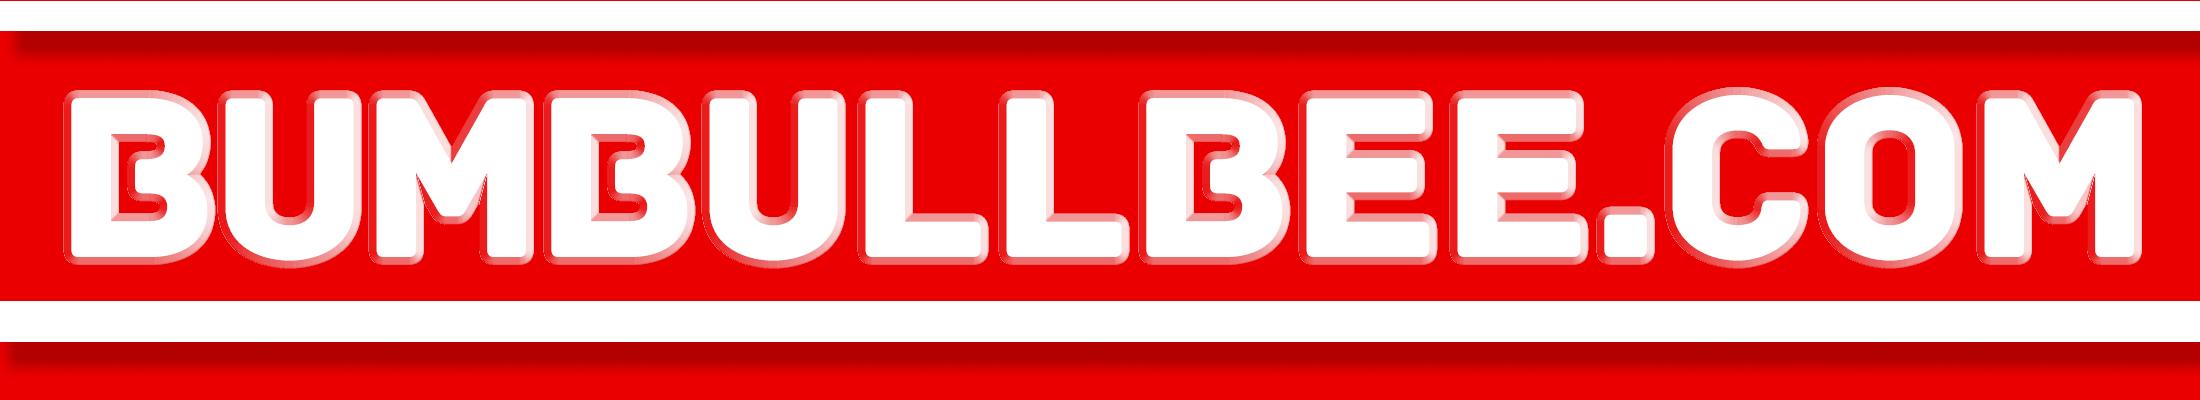 BumBullBee.com(バンブルビー)